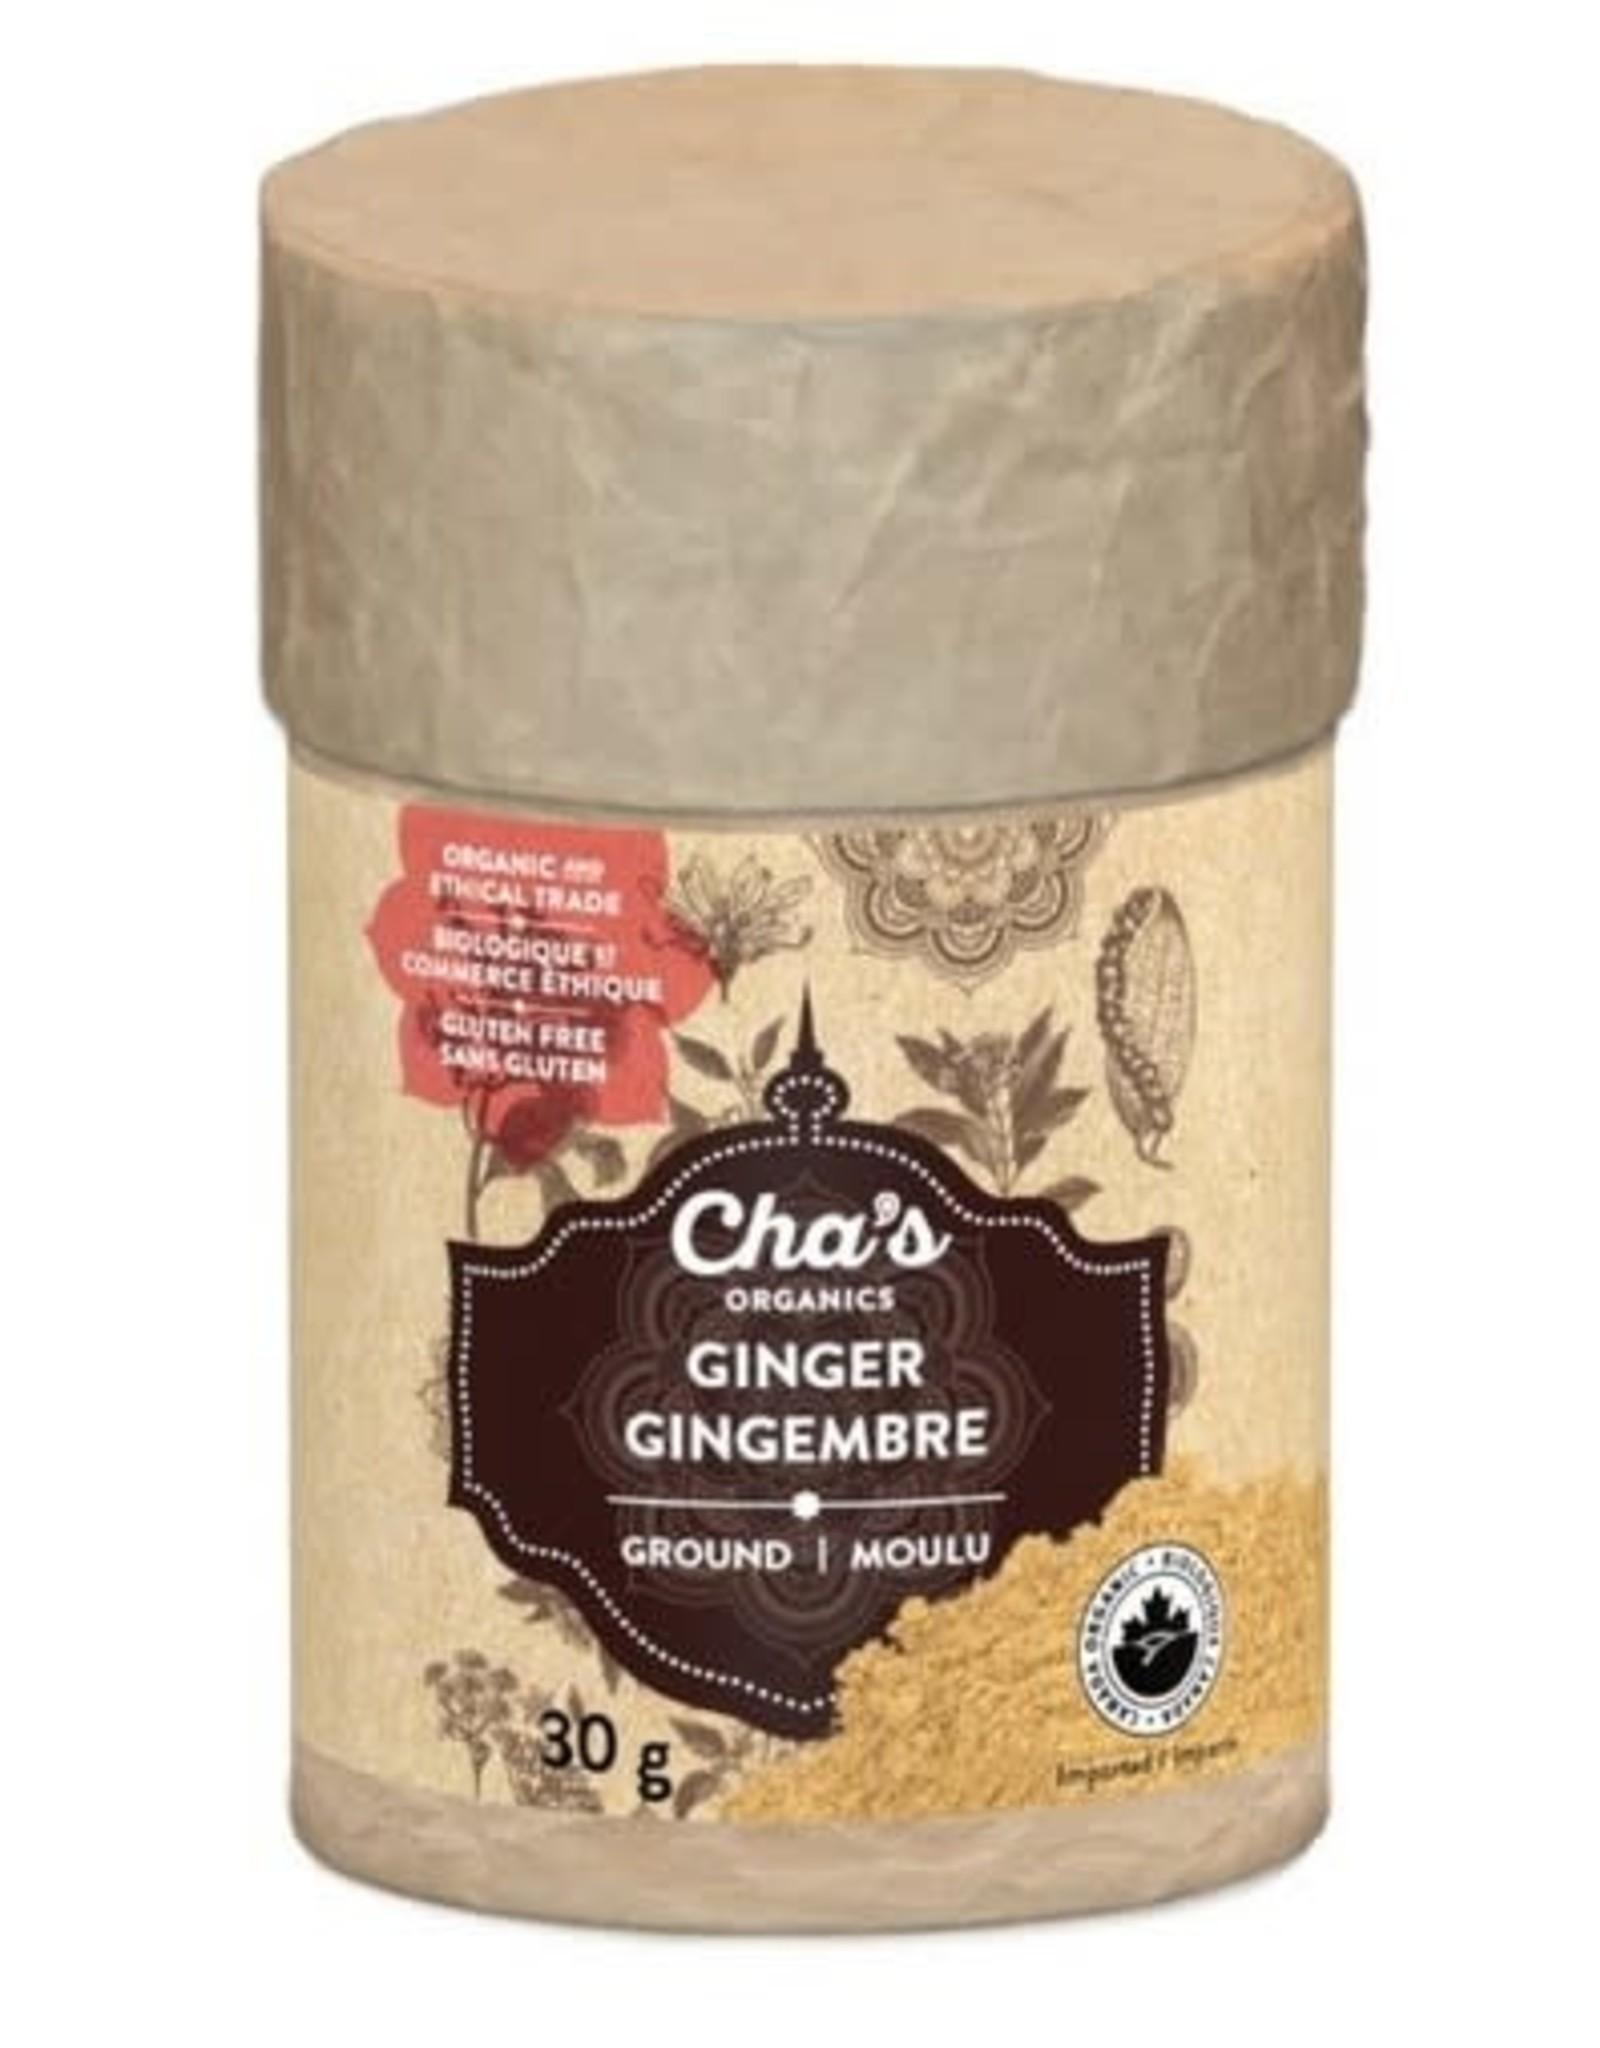 Cha's Organics Cha's Ground Ginger (30g)